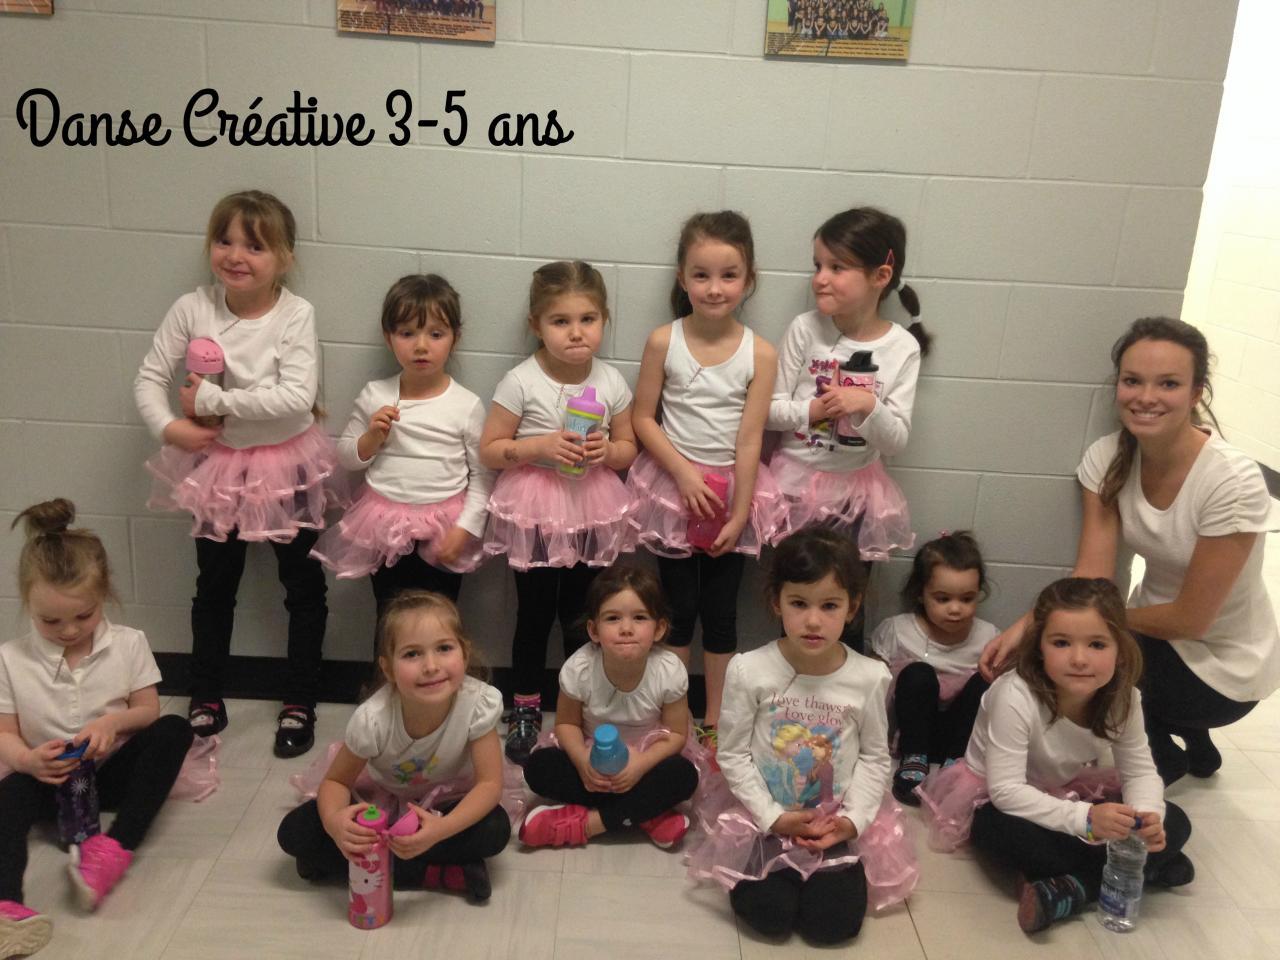 Danse créative 3-5 ans-2